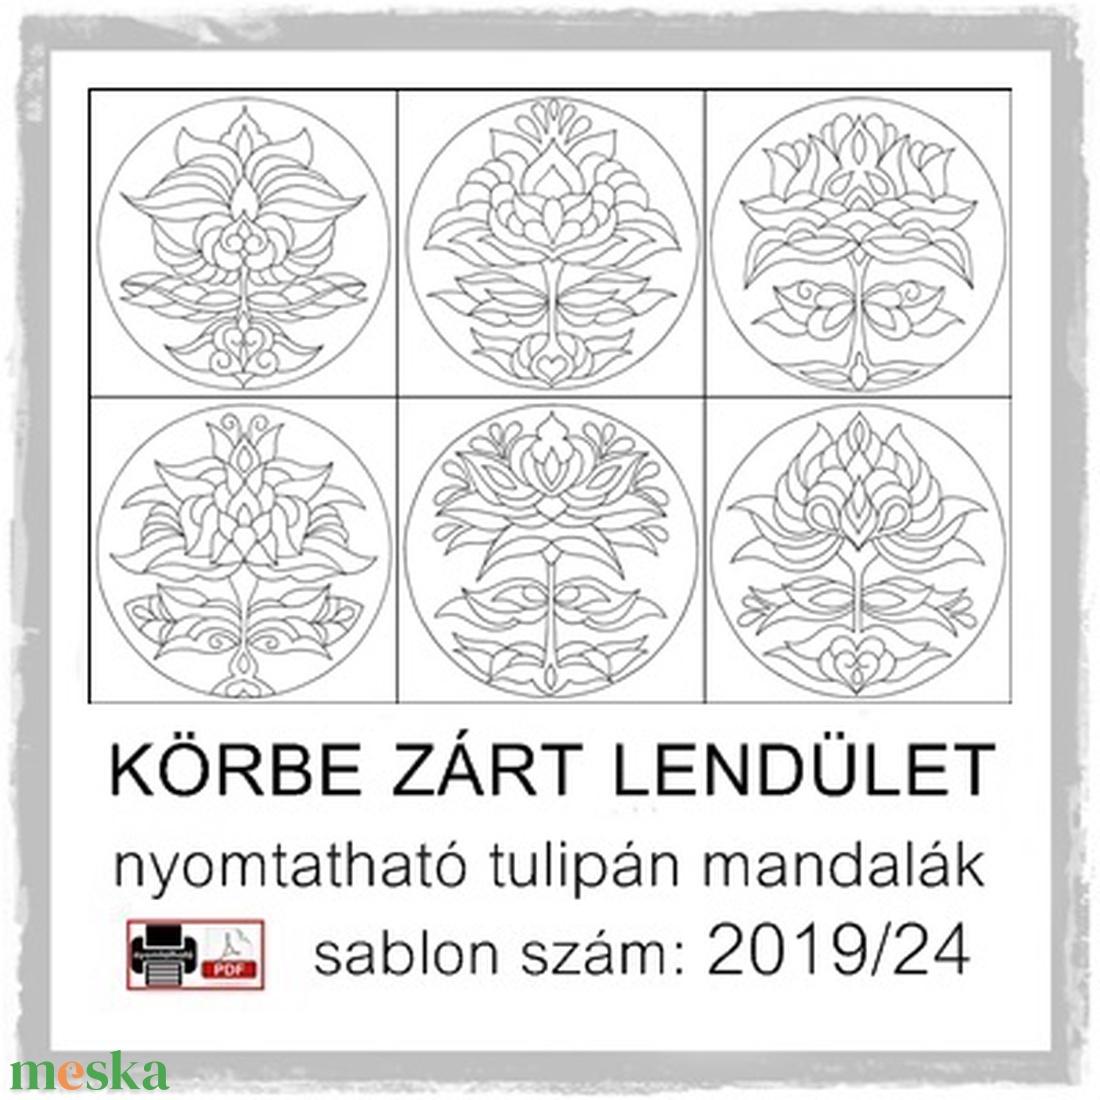 Körbe zárt lendület 2019/24 (kedo) - Meska.hu